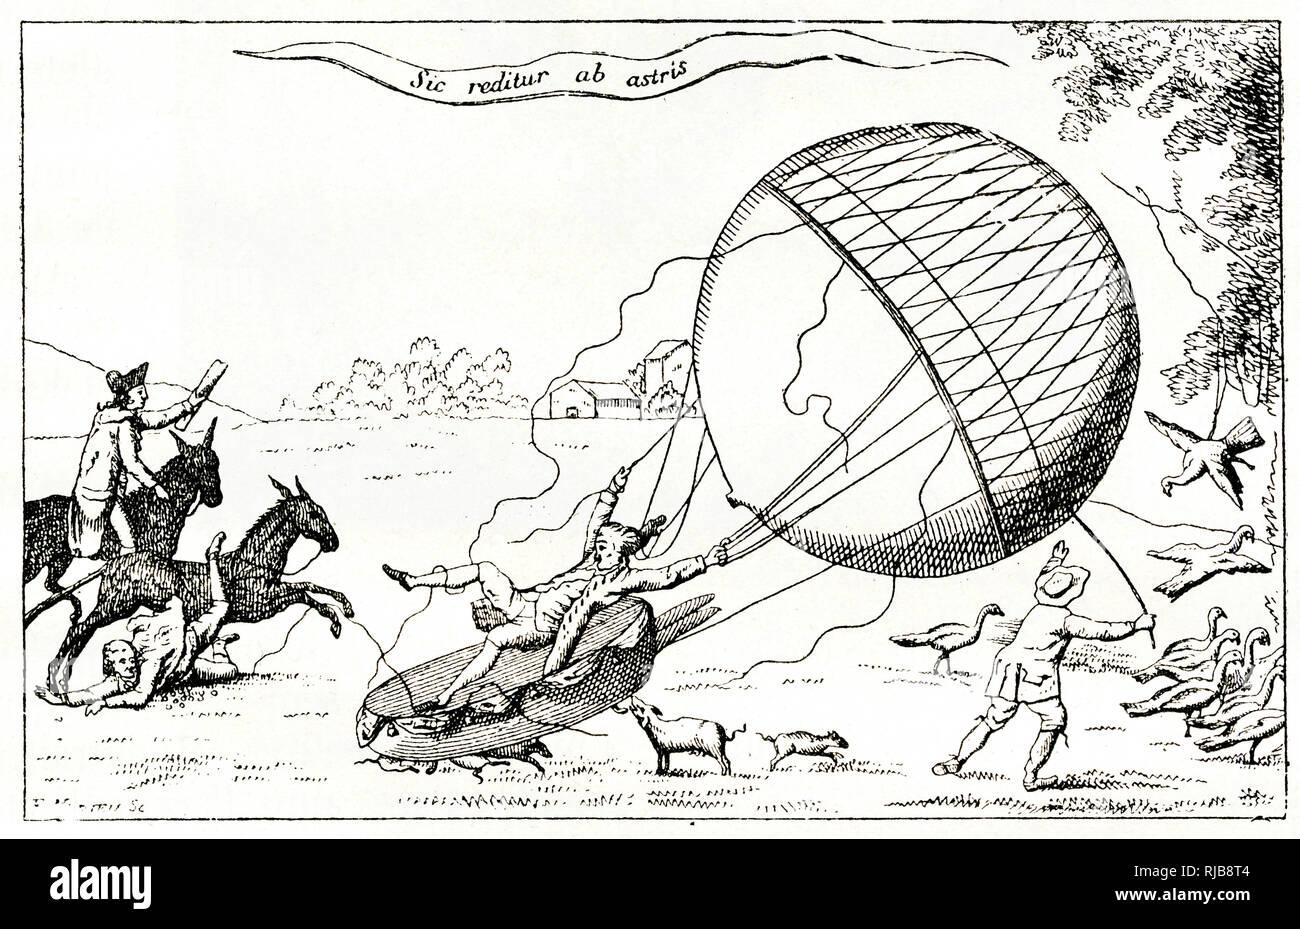 Satirische Karikatur, Blanchard die Ballonfahrer Landung in einem Feld, wodurch Unterbrechungen für Menschen und Tiere. Stockfoto